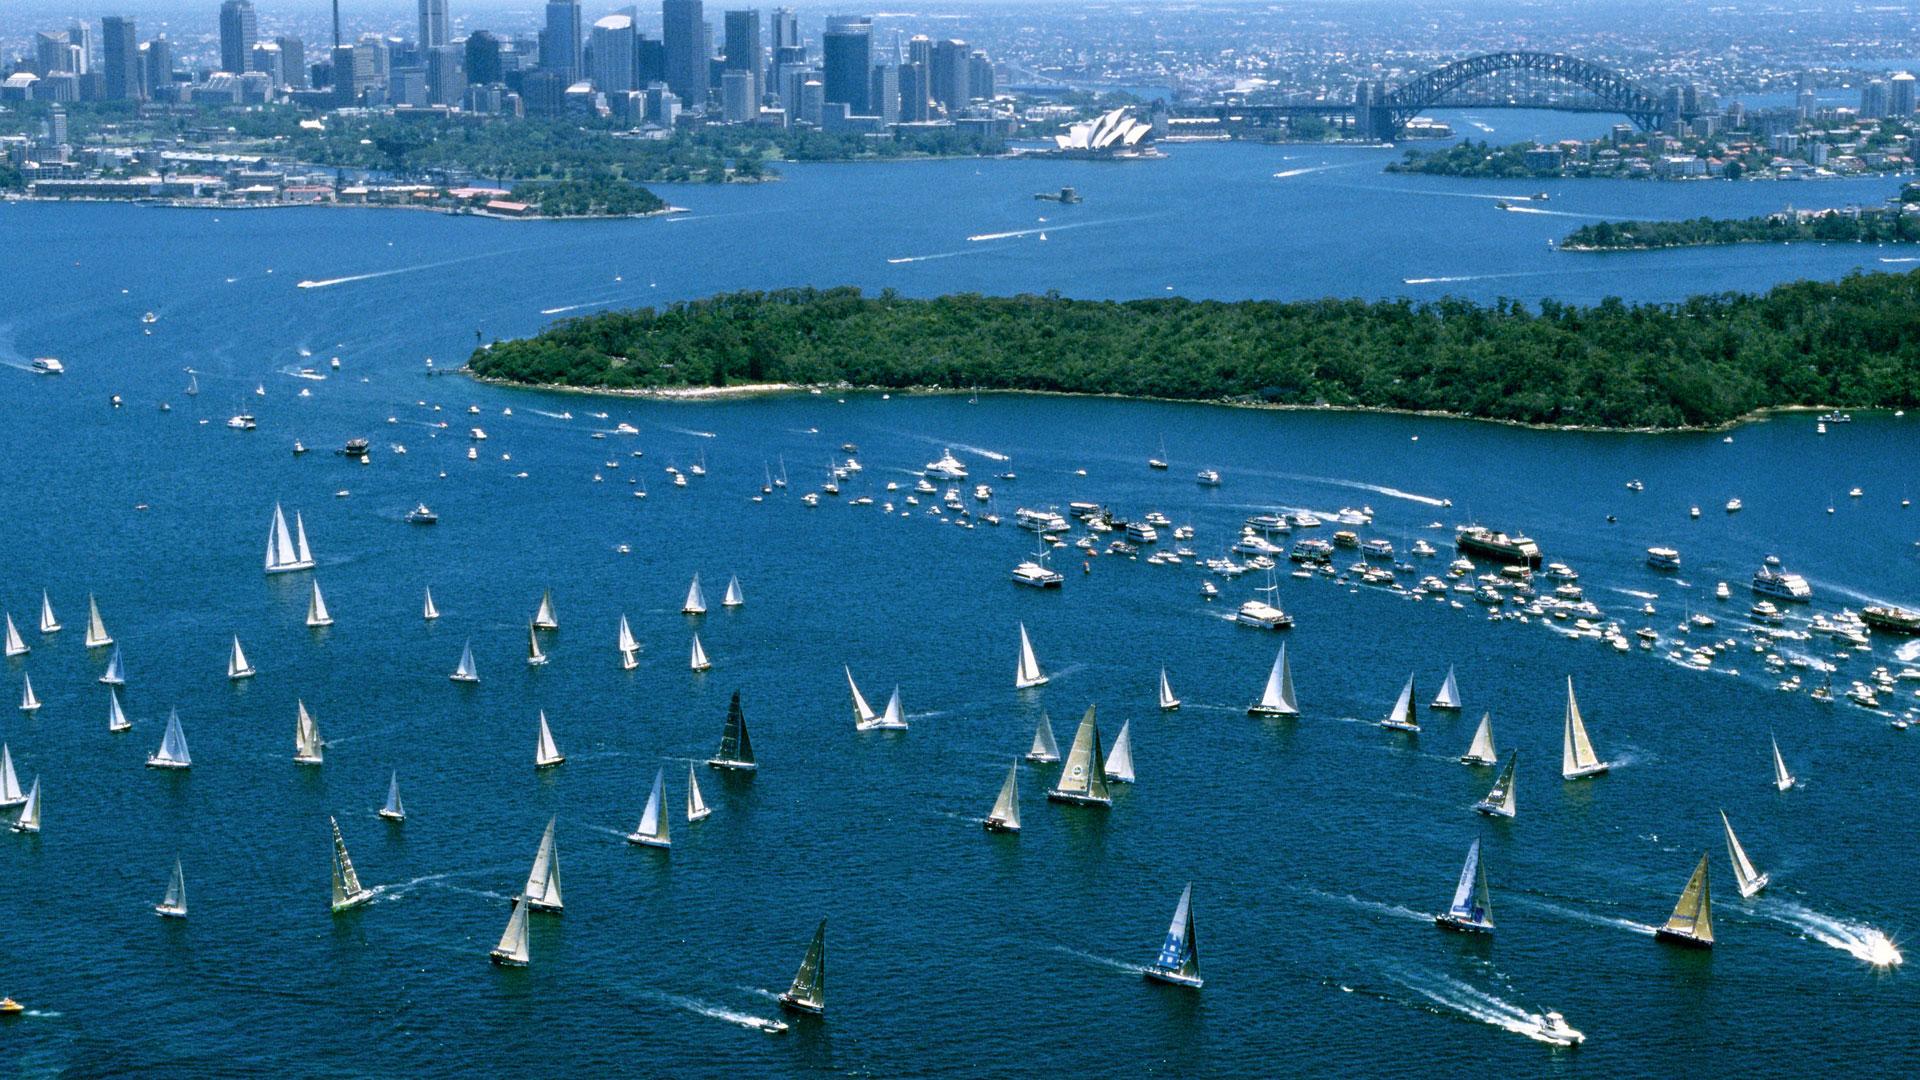 1380310721-explore-events-sydney-hobart-yacht-race